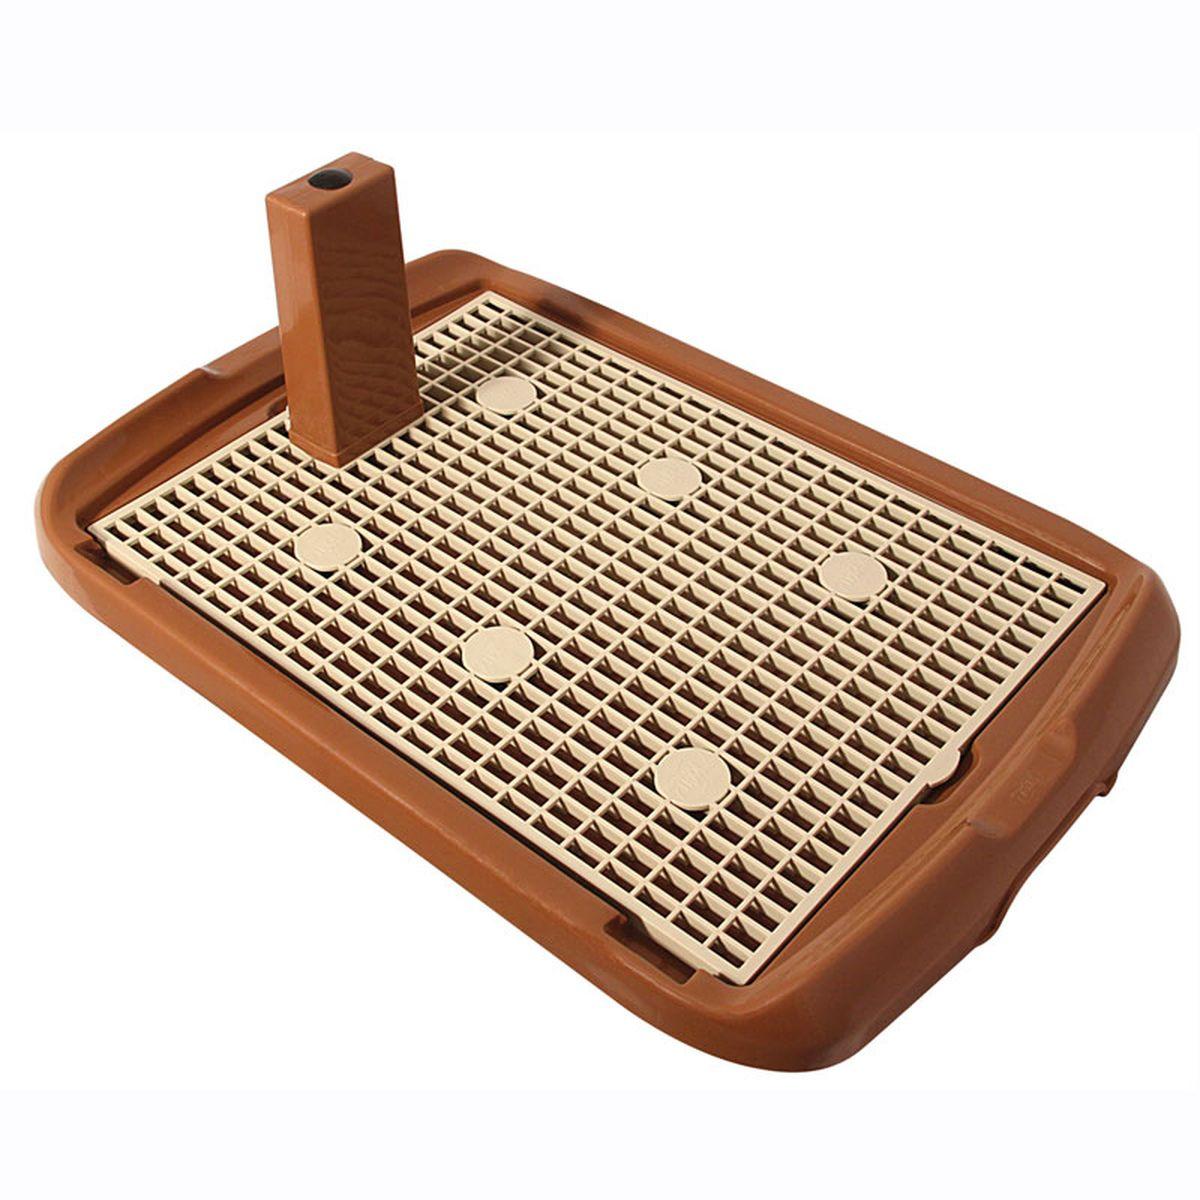 Туалет для собак Triol, со столбиком, цвет: коричневый, 60 х 40 х 4,5 смМт-500Туалет для собак Triol предназначен для собак мелких и средних пород, а также для щенков. Столбик закрепляется на сетке (в любом удобном месте), при необходимости его можно снять. Под сетку кладется впитывающая пеленка, поэтому лапы остаются сухими. Сетка мягкая, эластичная, приятная на ощупь, изготовлена из качественной резины.Размер: 60 х 40 х 4,5 см